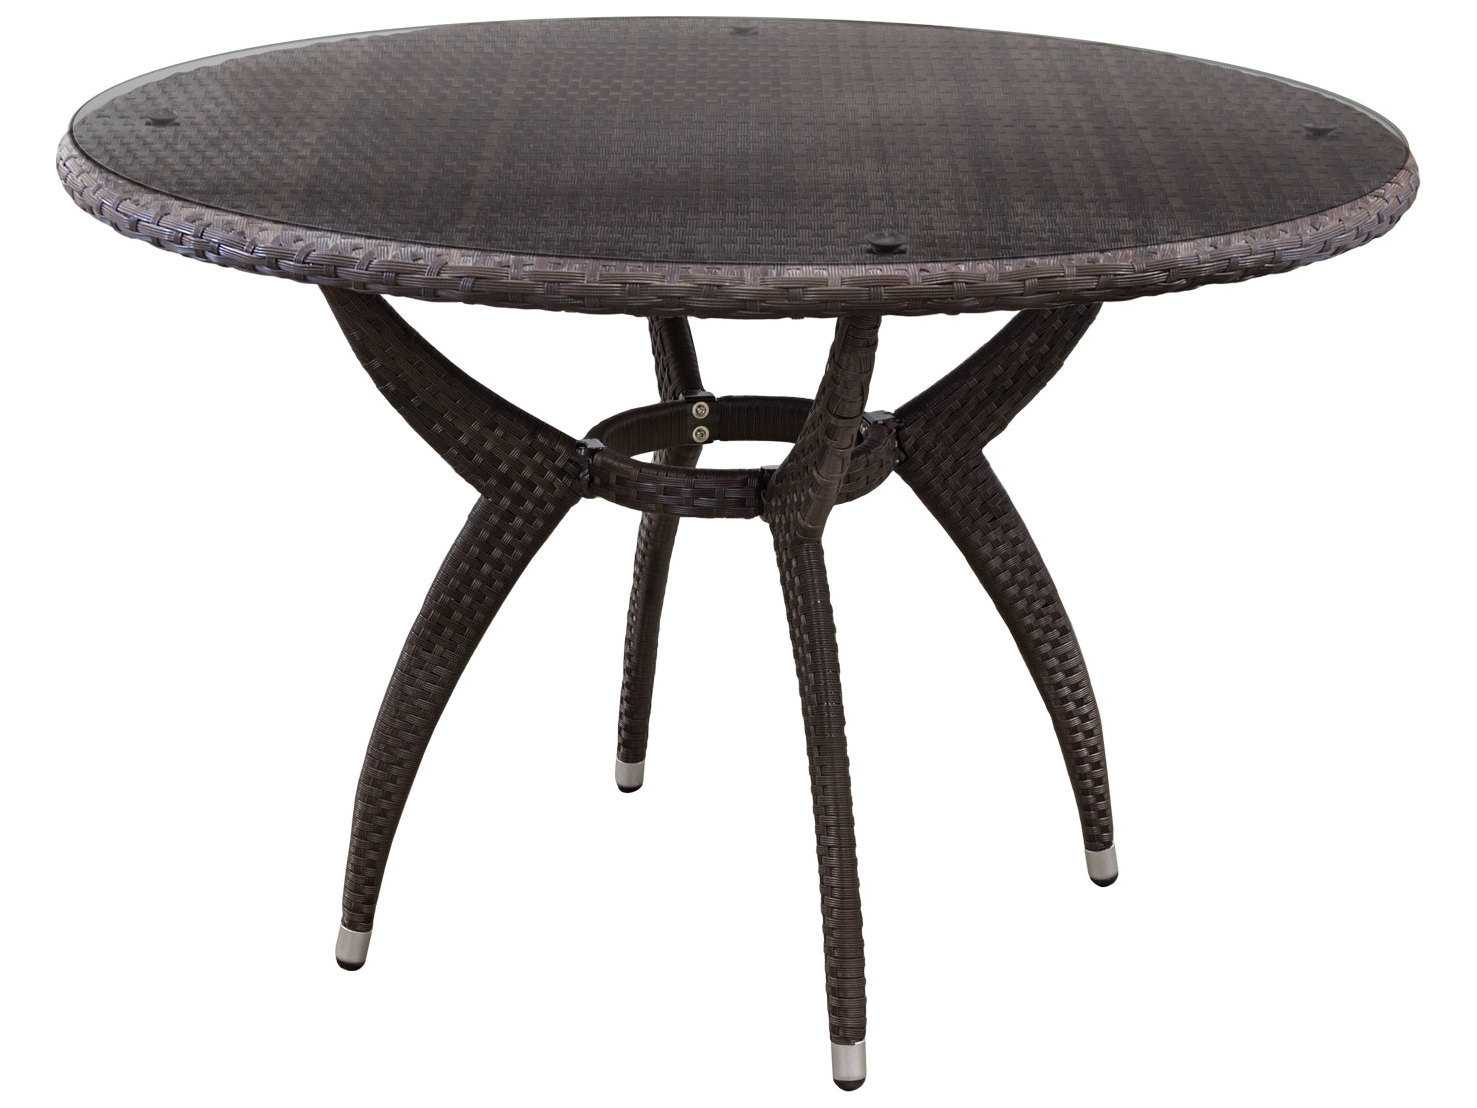 Source outdoor furniture venetian wicker 54 round dining for Source outdoor furniture